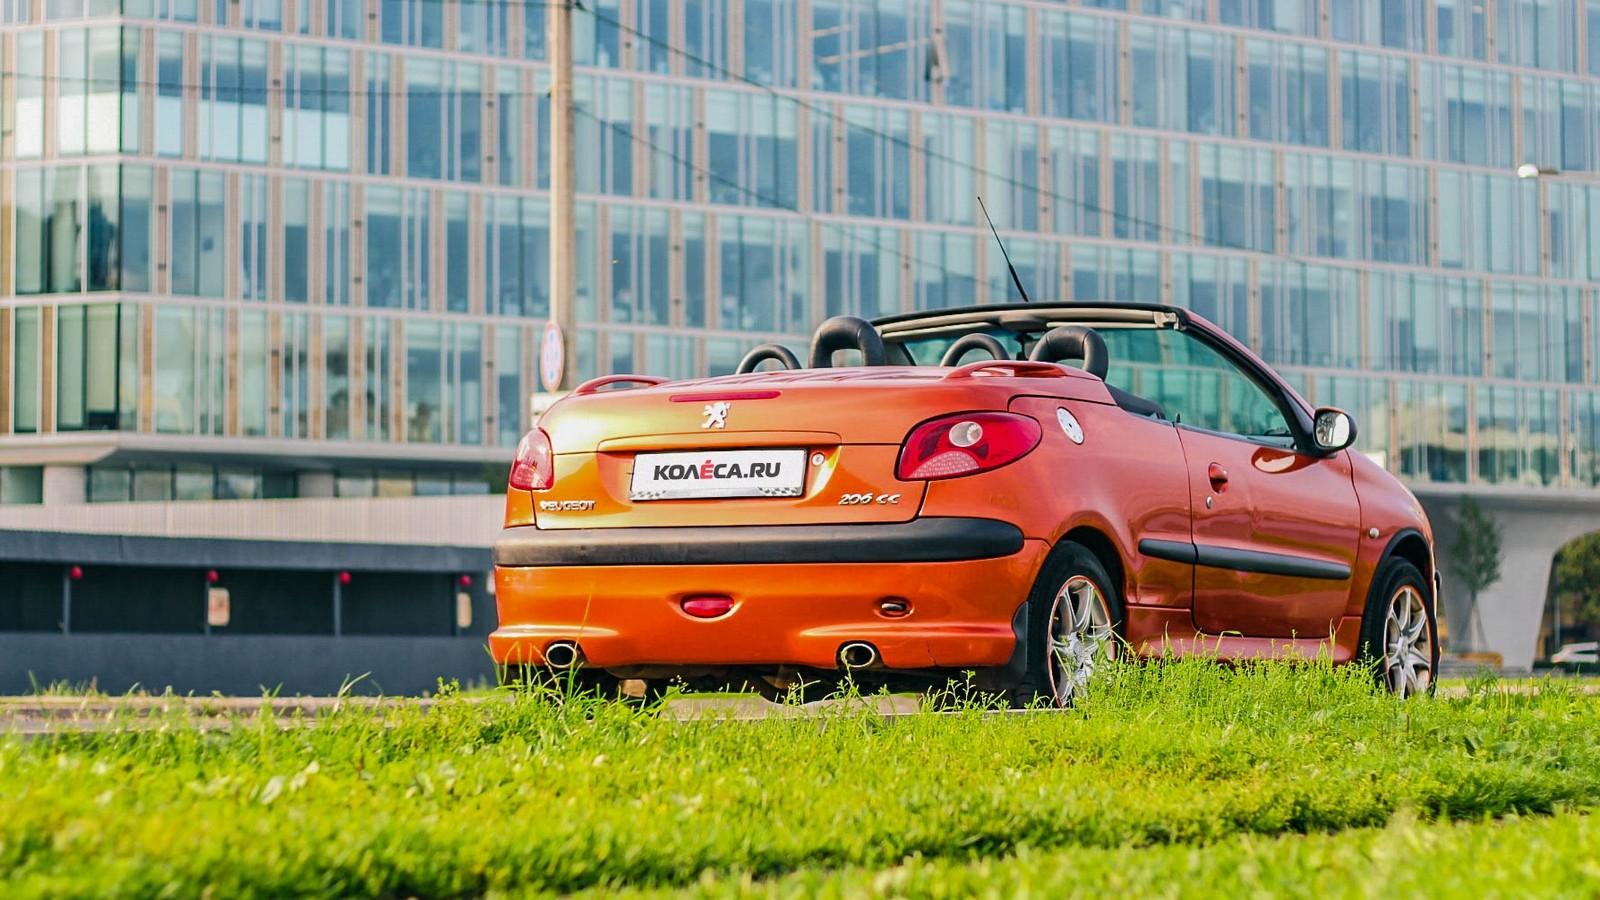 Peugeot 206 СС оранжевый сзади (2)